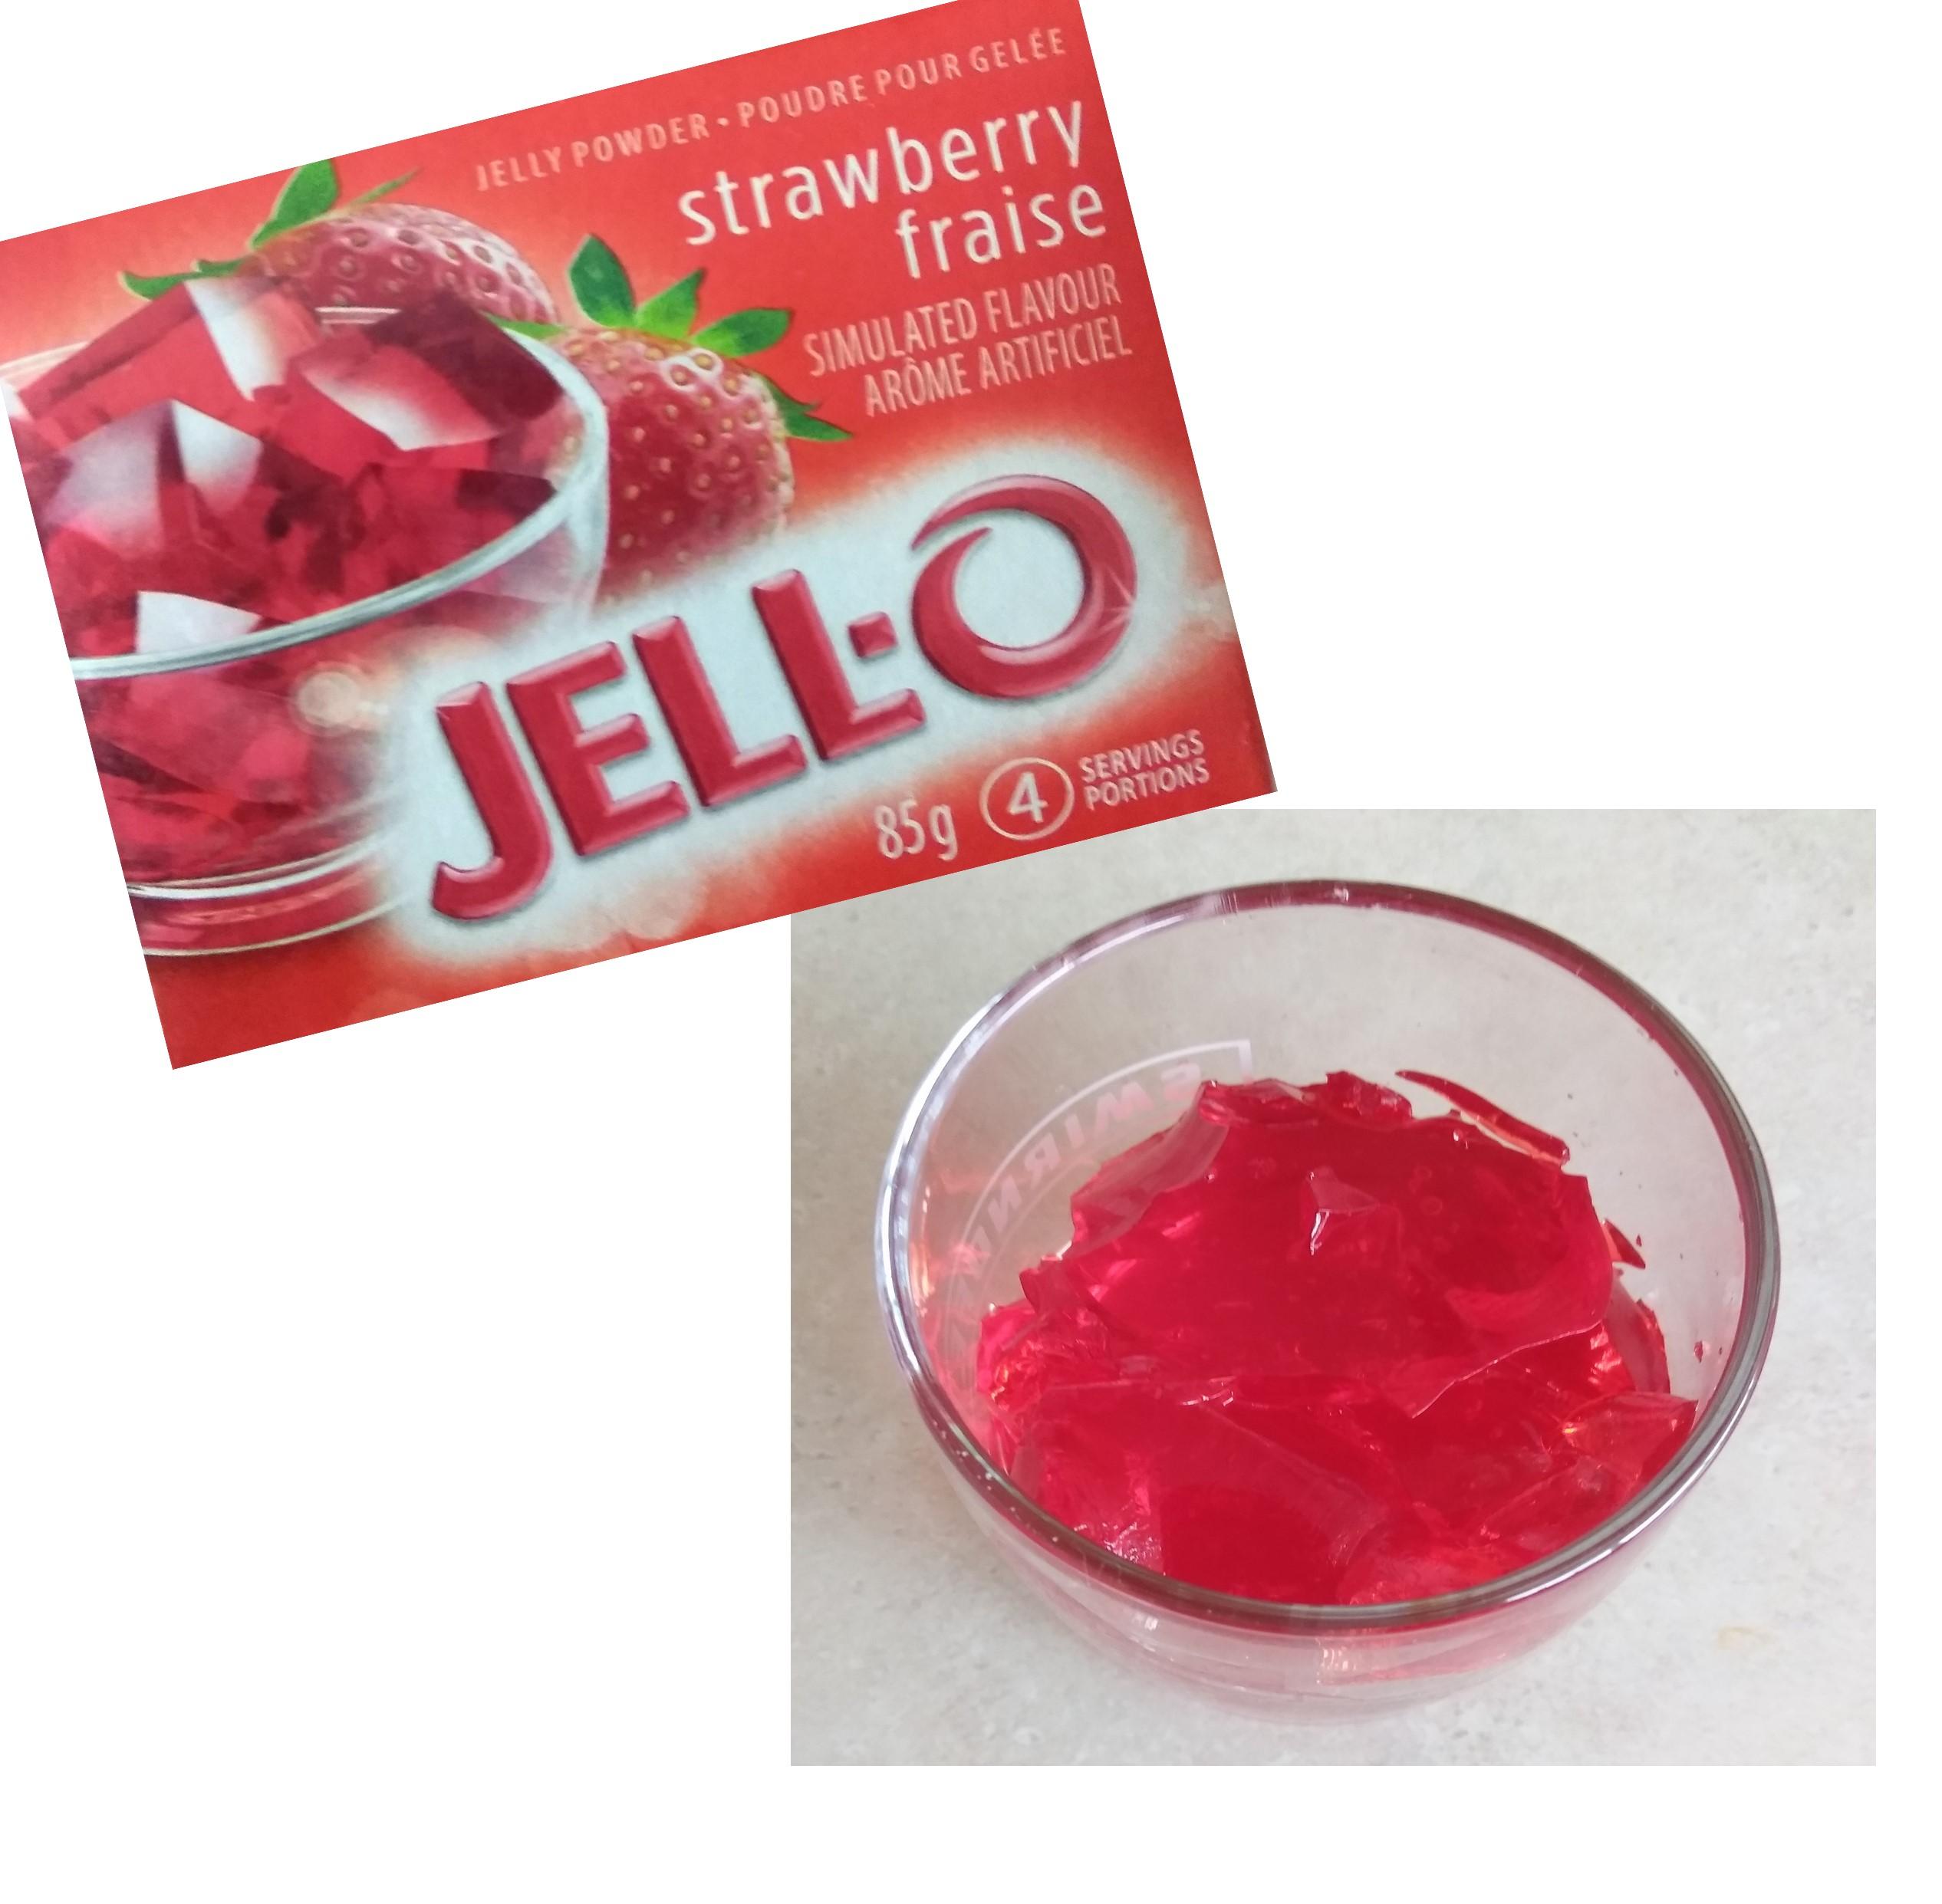 ゼリーを作る粉JELL-Oと、実際にJELL-Oで作ったゼリーを透明のグラスに盛りつけた写真